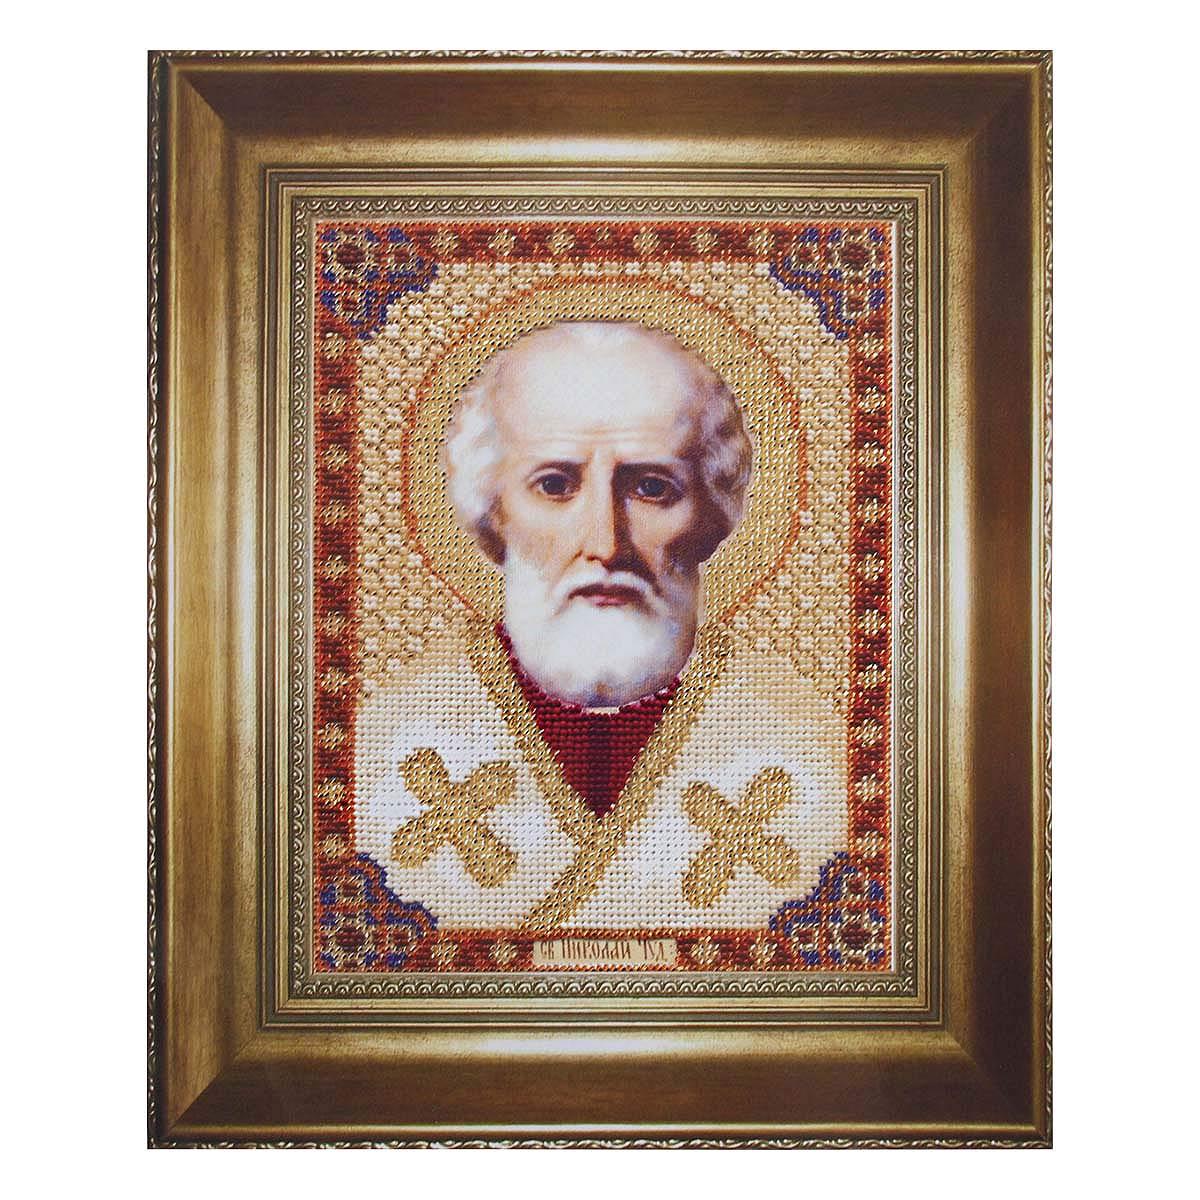 Б-1001 Набор для вышивания бисером 'Чарівна Мить' 'Икона святителя Николая Чудотворца', 17,3*23,5 см